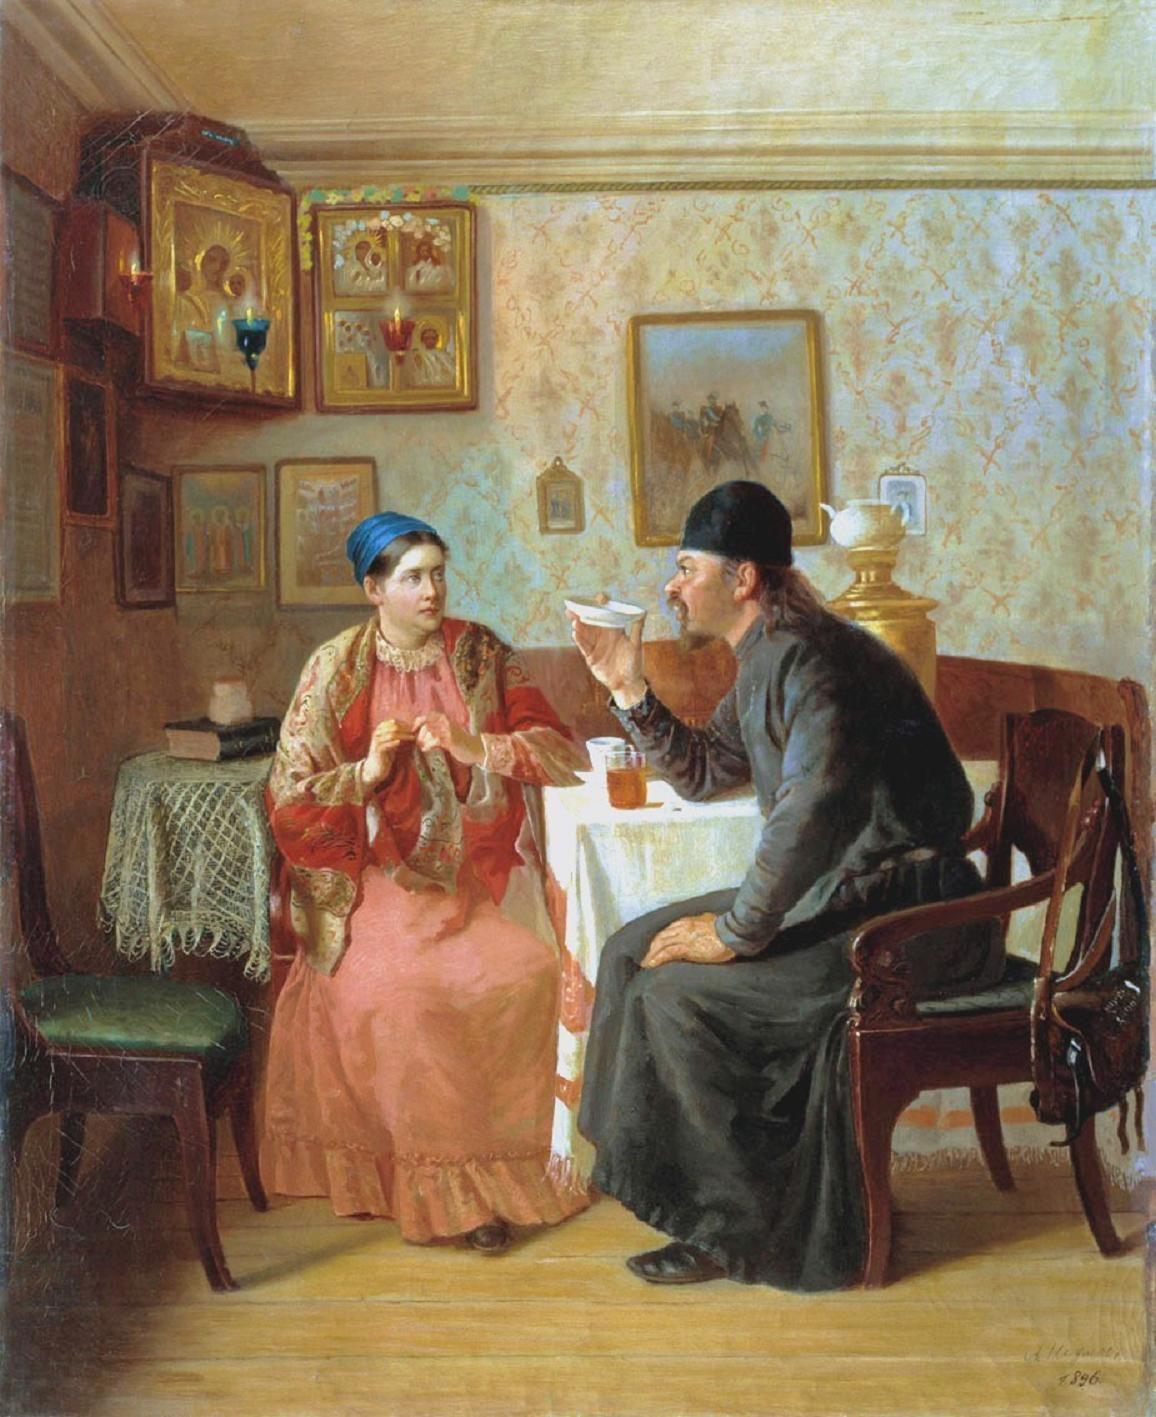 """Od alkoholu, przez tradycję picia herbaty, aż po dyskusję dotyczącą globalnego """"pijaru"""". I kto powiedział, że historia jest nudna? Obraz Alekseja Naumowa."""